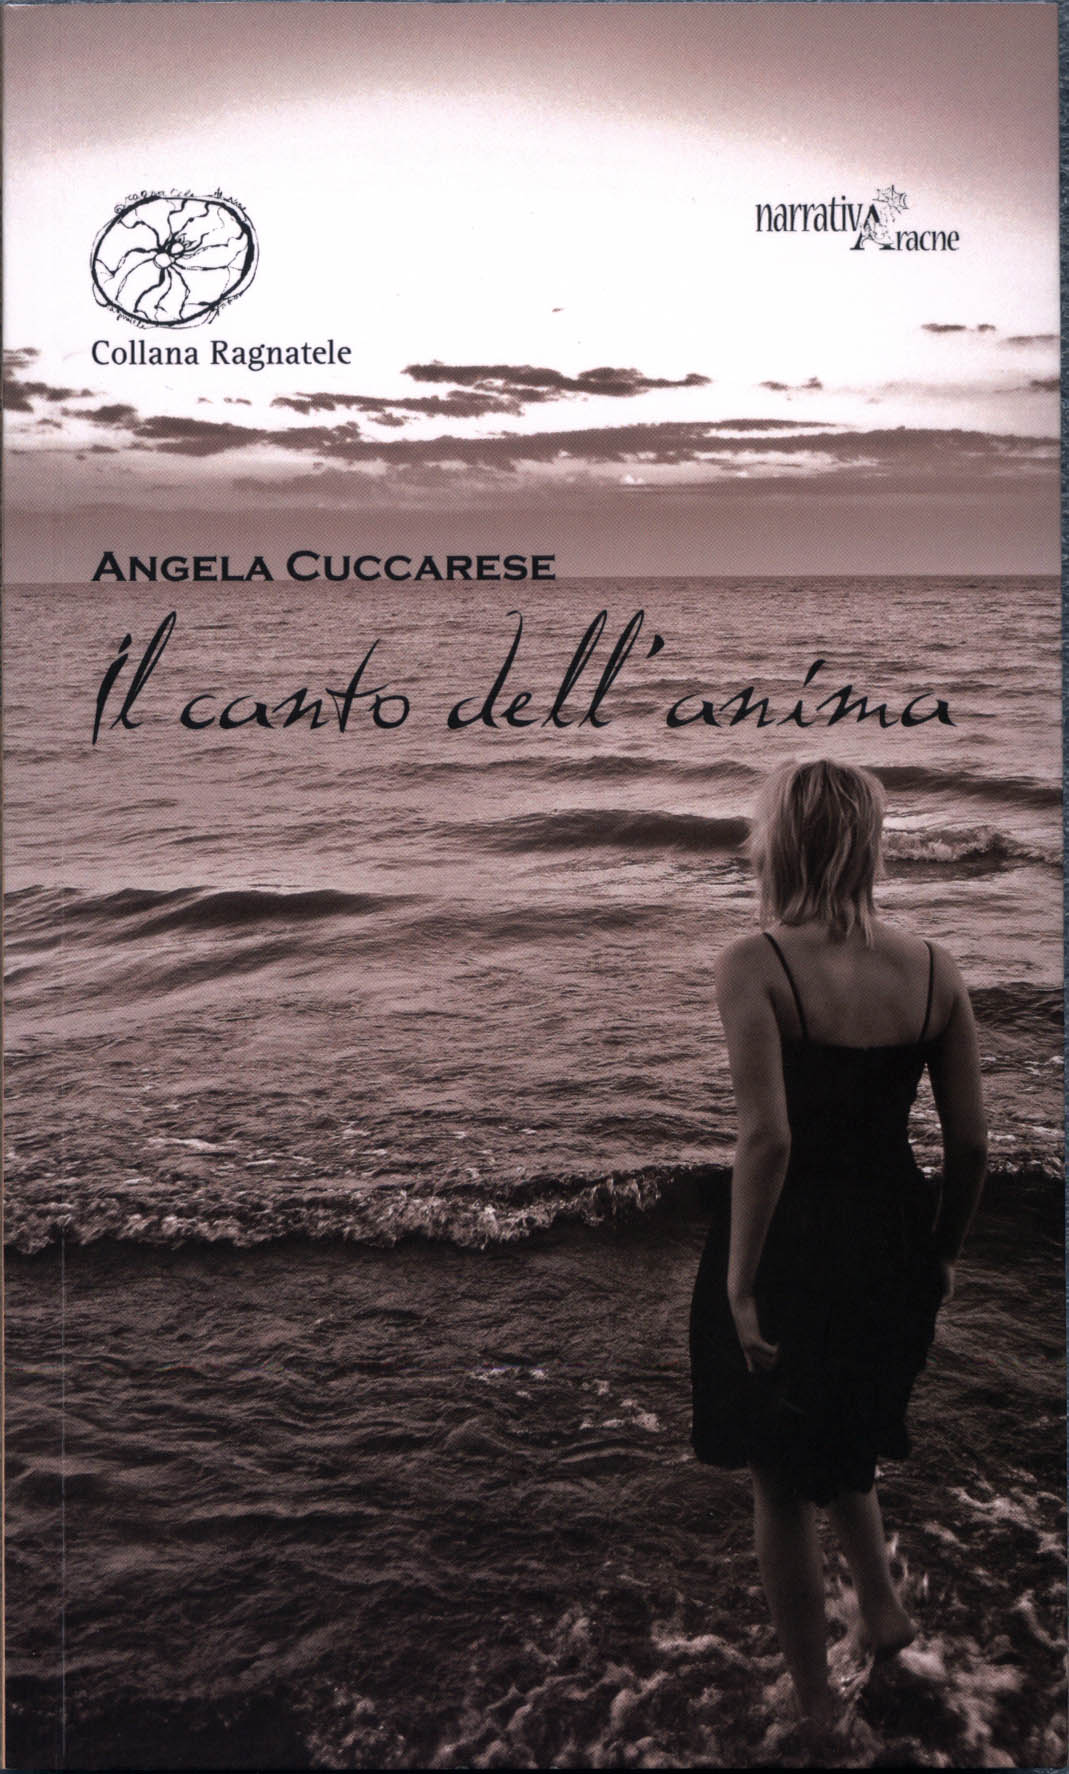 Il primo libro di poesie di Angela Cuccarese